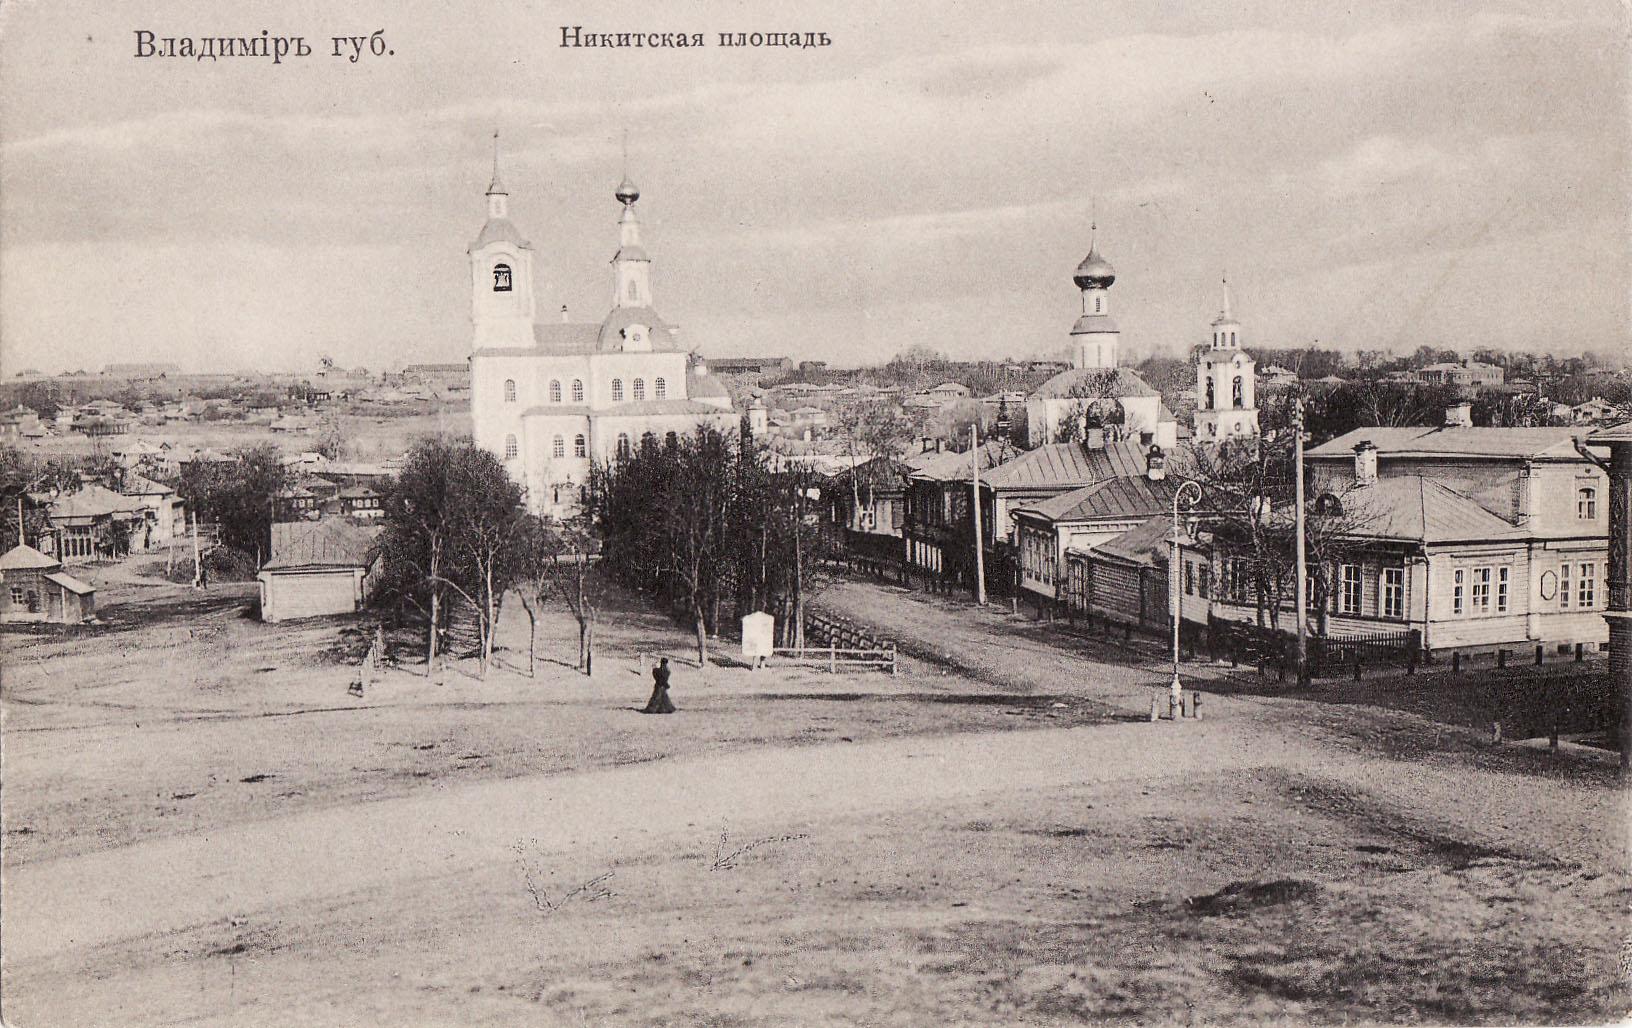 Никитская площадь